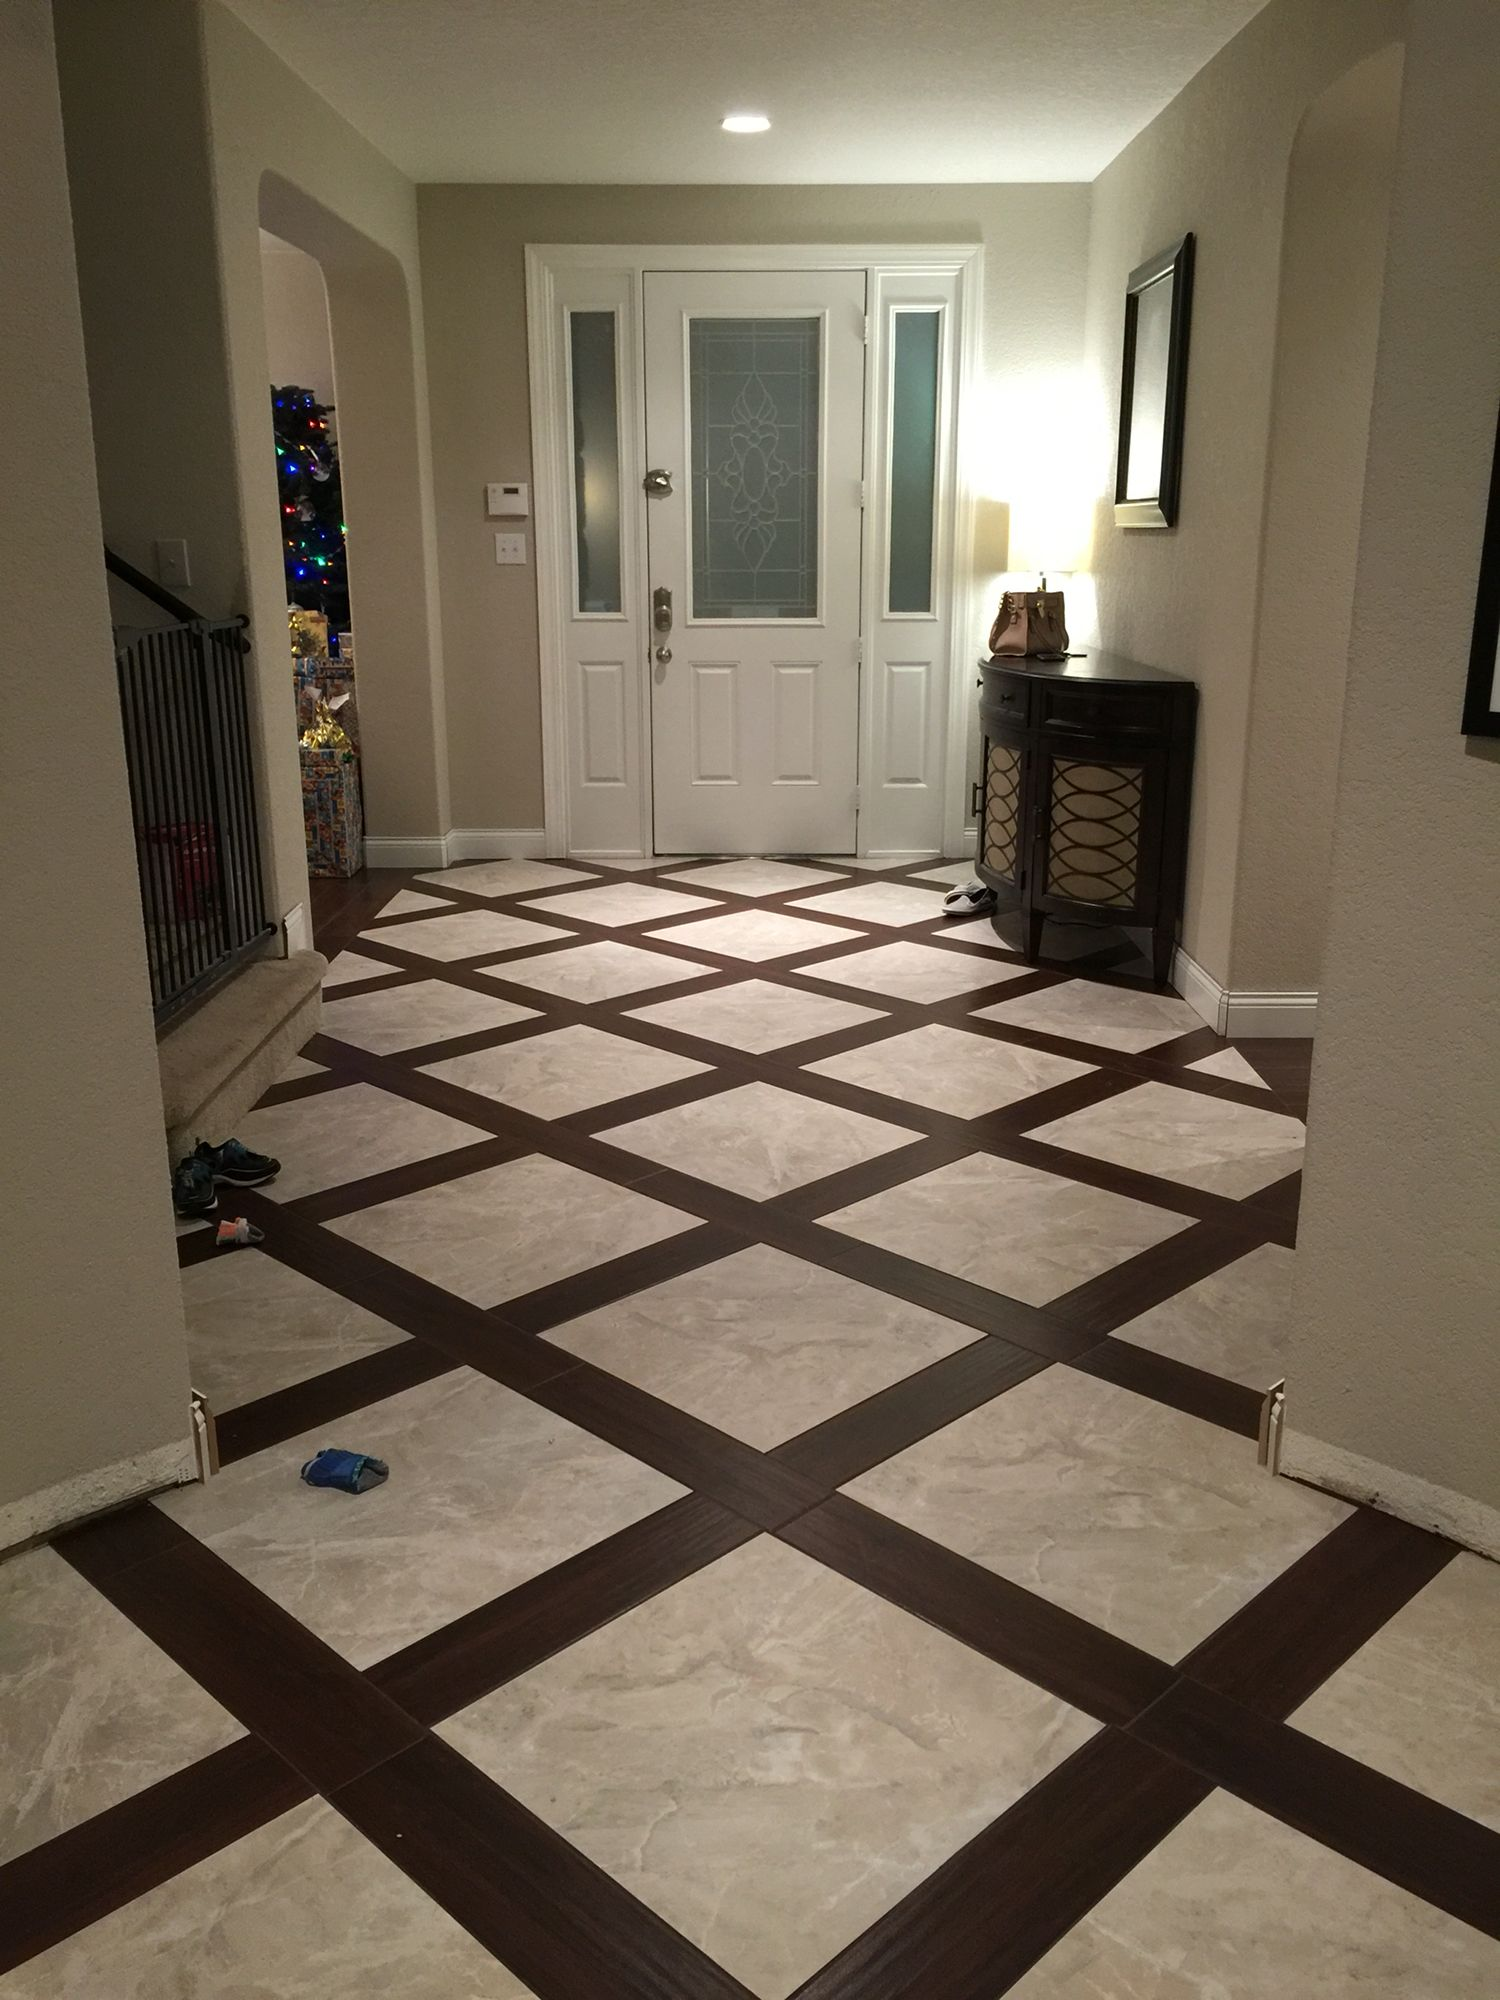 Basketweave tile design. Porcelain wood look tile Wood